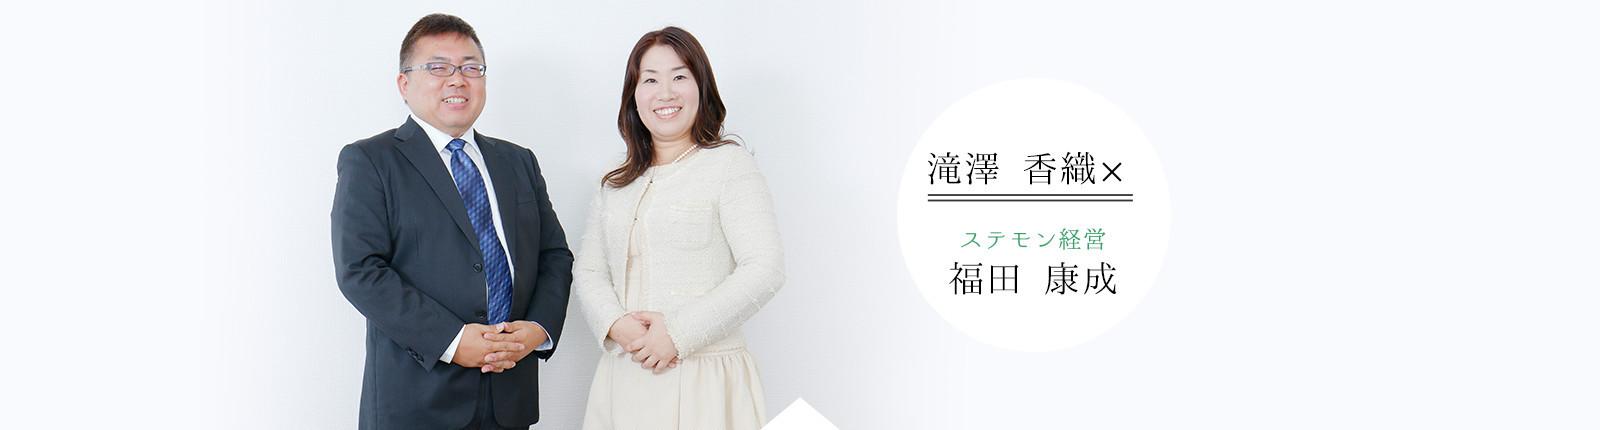 滝澤 香織×ステモン経営 福田康成